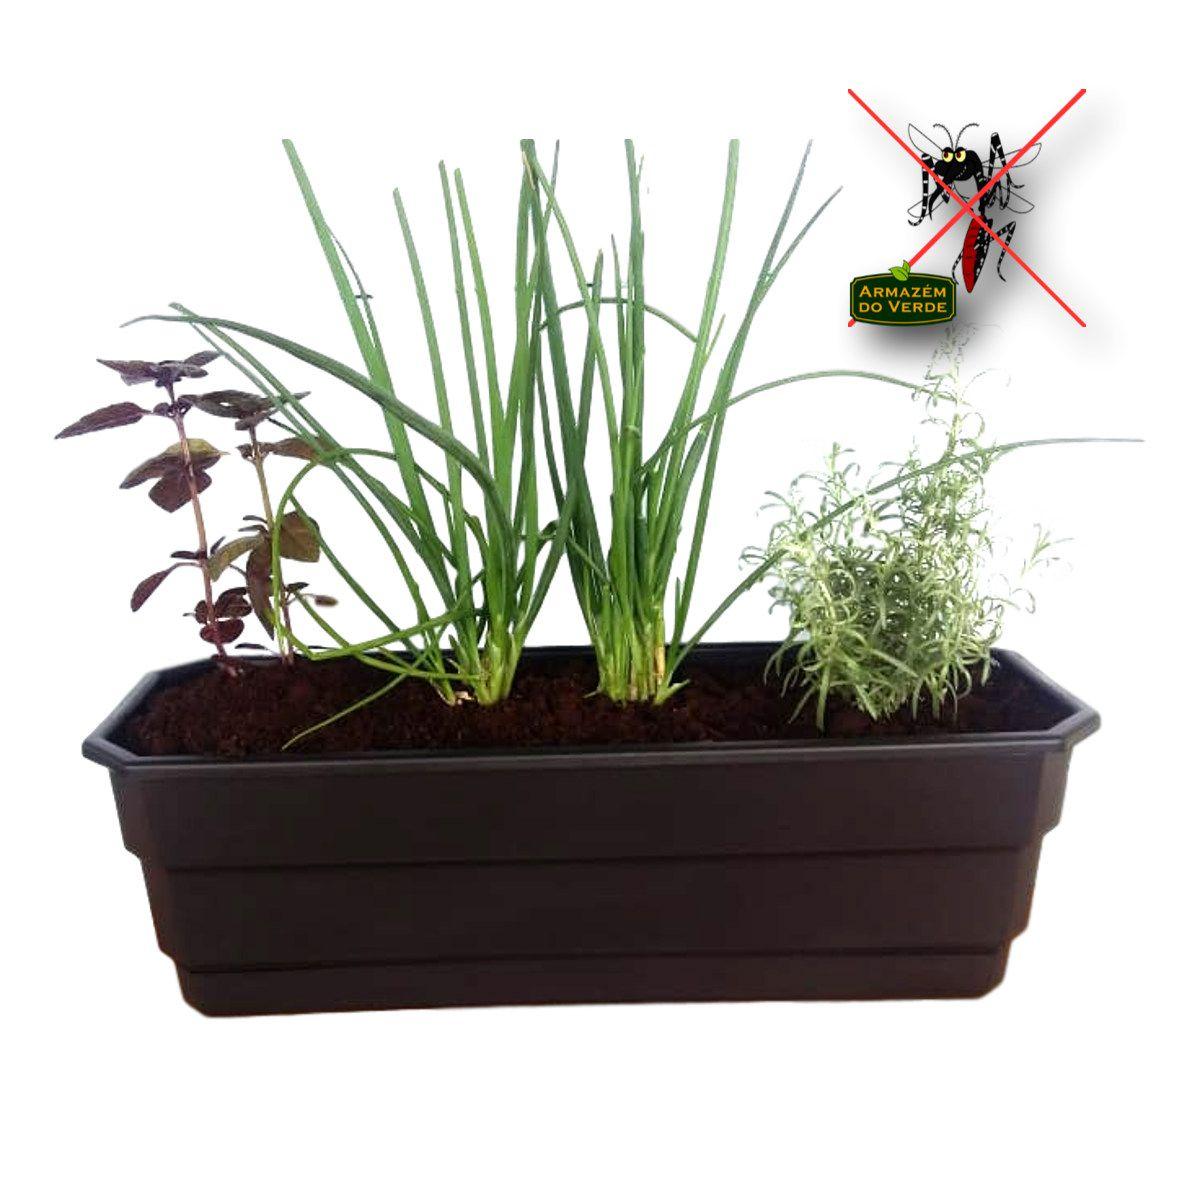 Vaso auto irrigável Jardineira Floreira Anti-Dengue  40 cm